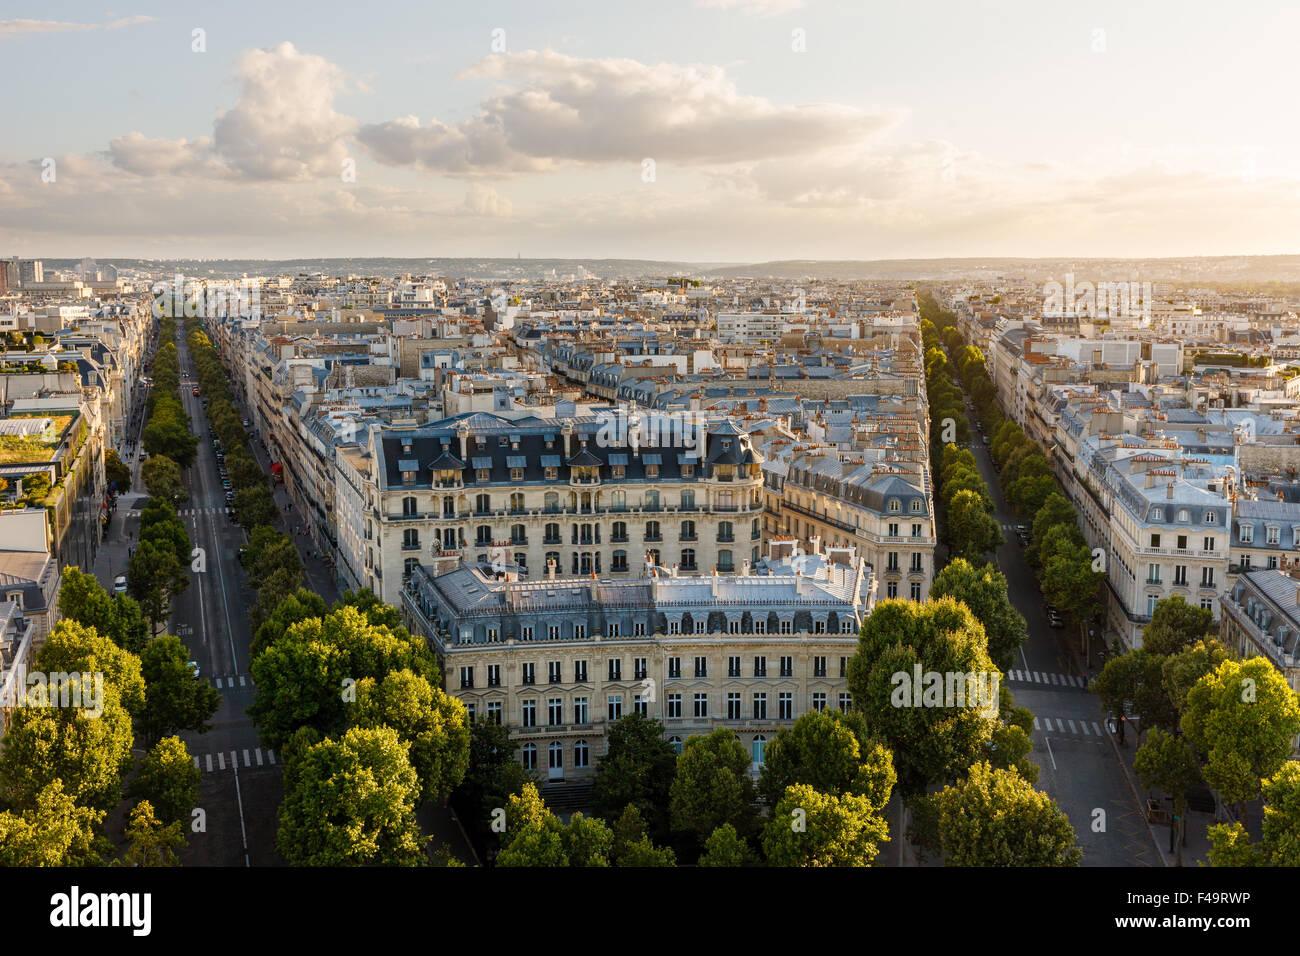 Vue aérienne du 16ème arrondissement de Paris, France. Vue sur les toits et les bâtiments de style Photo Stock